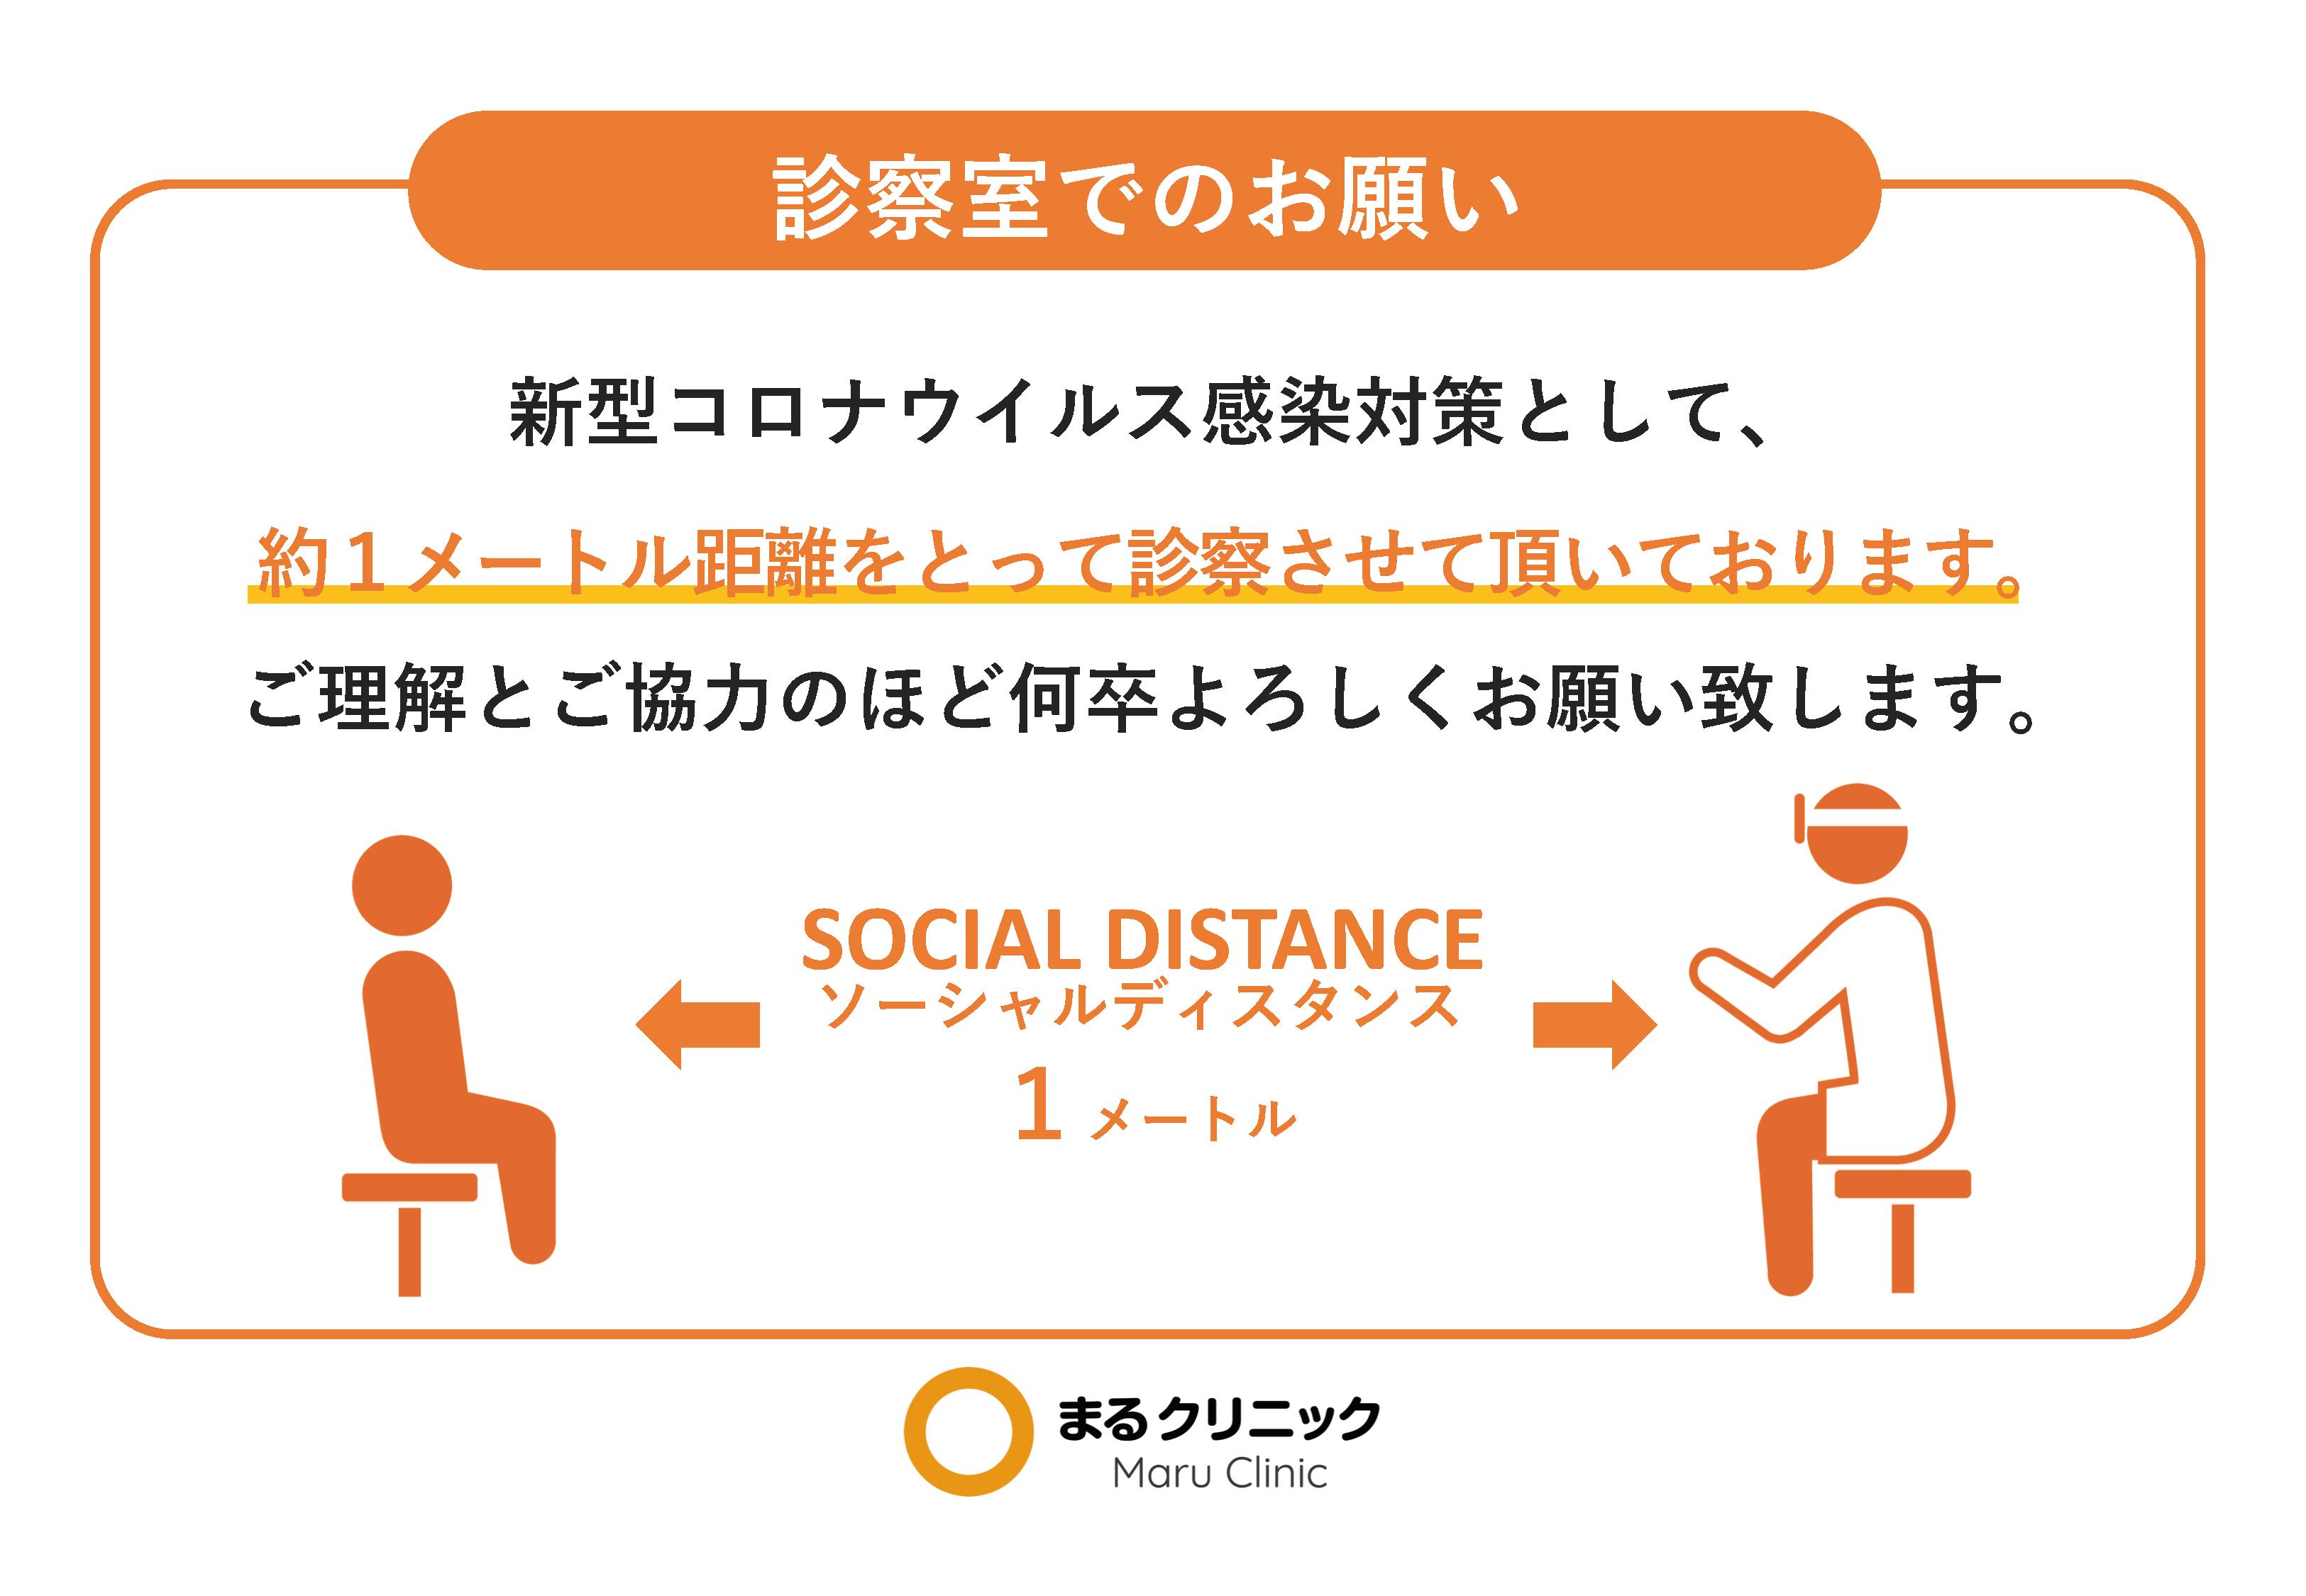 診察室ソーシャルディスタンスのお願い 【新型コロナウイルス対策ツール】